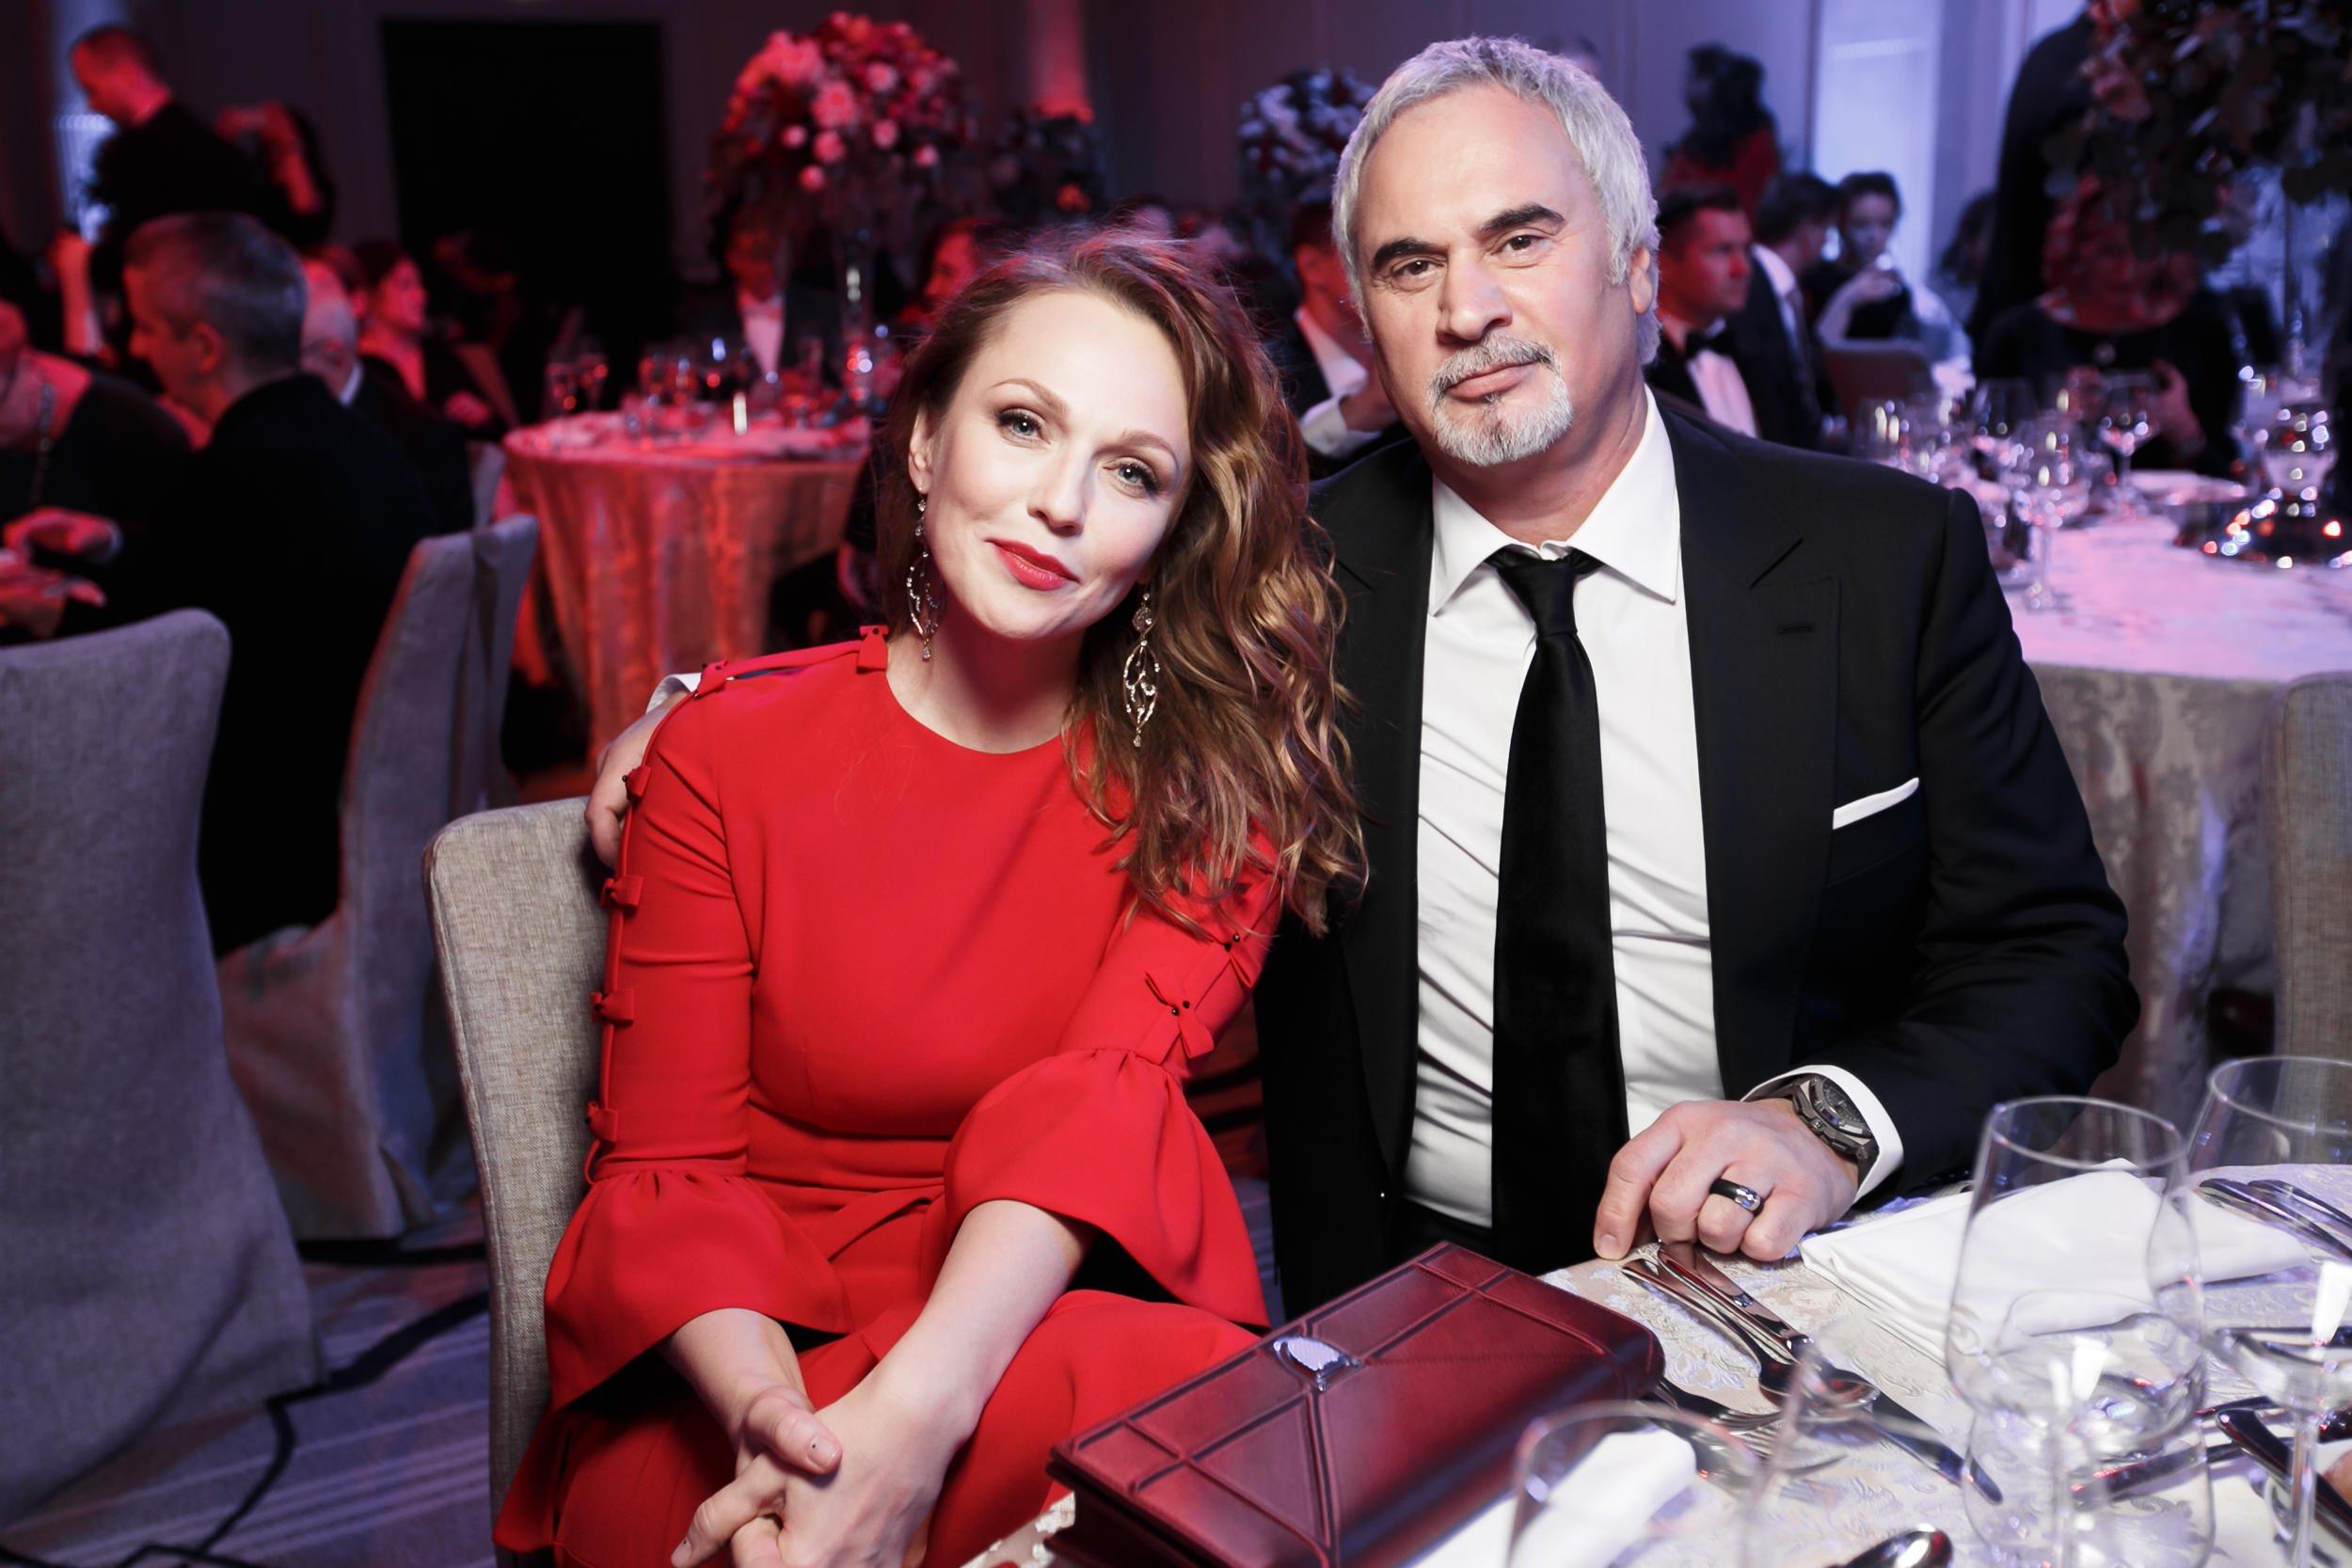 Альбина Джанабаева и Валерий Меладзе побывали на кинопремьере